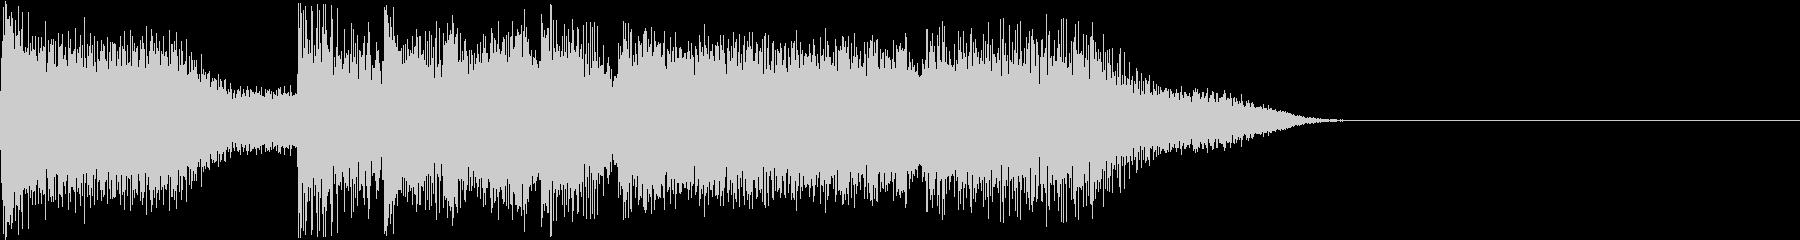 AI メカ/ロボ/マシン動作音 39の未再生の波形